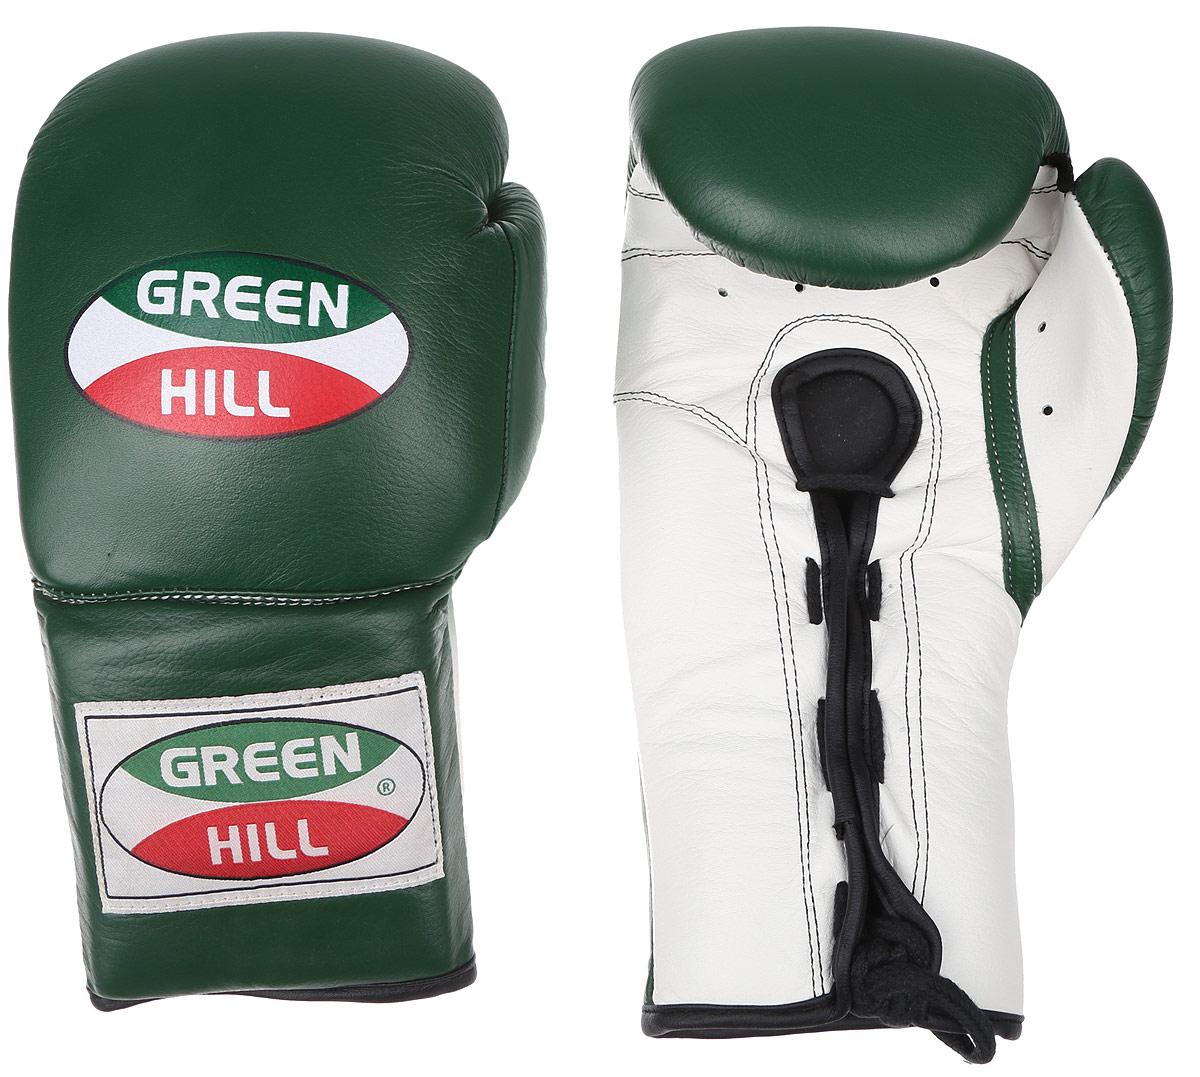 Перчатки боксерские Green Hill Proffi, цвет: зеленый, белый. Вес 14 унций. BGP-2014BGC-2041Боксерские перчатки Green Hill Proffi предназначены для использования профессионалами. Верх выполнен из натуральной кожи, наполнитель - из вспененного полимера. Отверстие в области ладони позволяет создать максимально комфортный терморежим во время занятий. Манжет на шнуровке способствует быстрому и удобному надеванию перчаток, плотно фиксирует перчатки на руке.